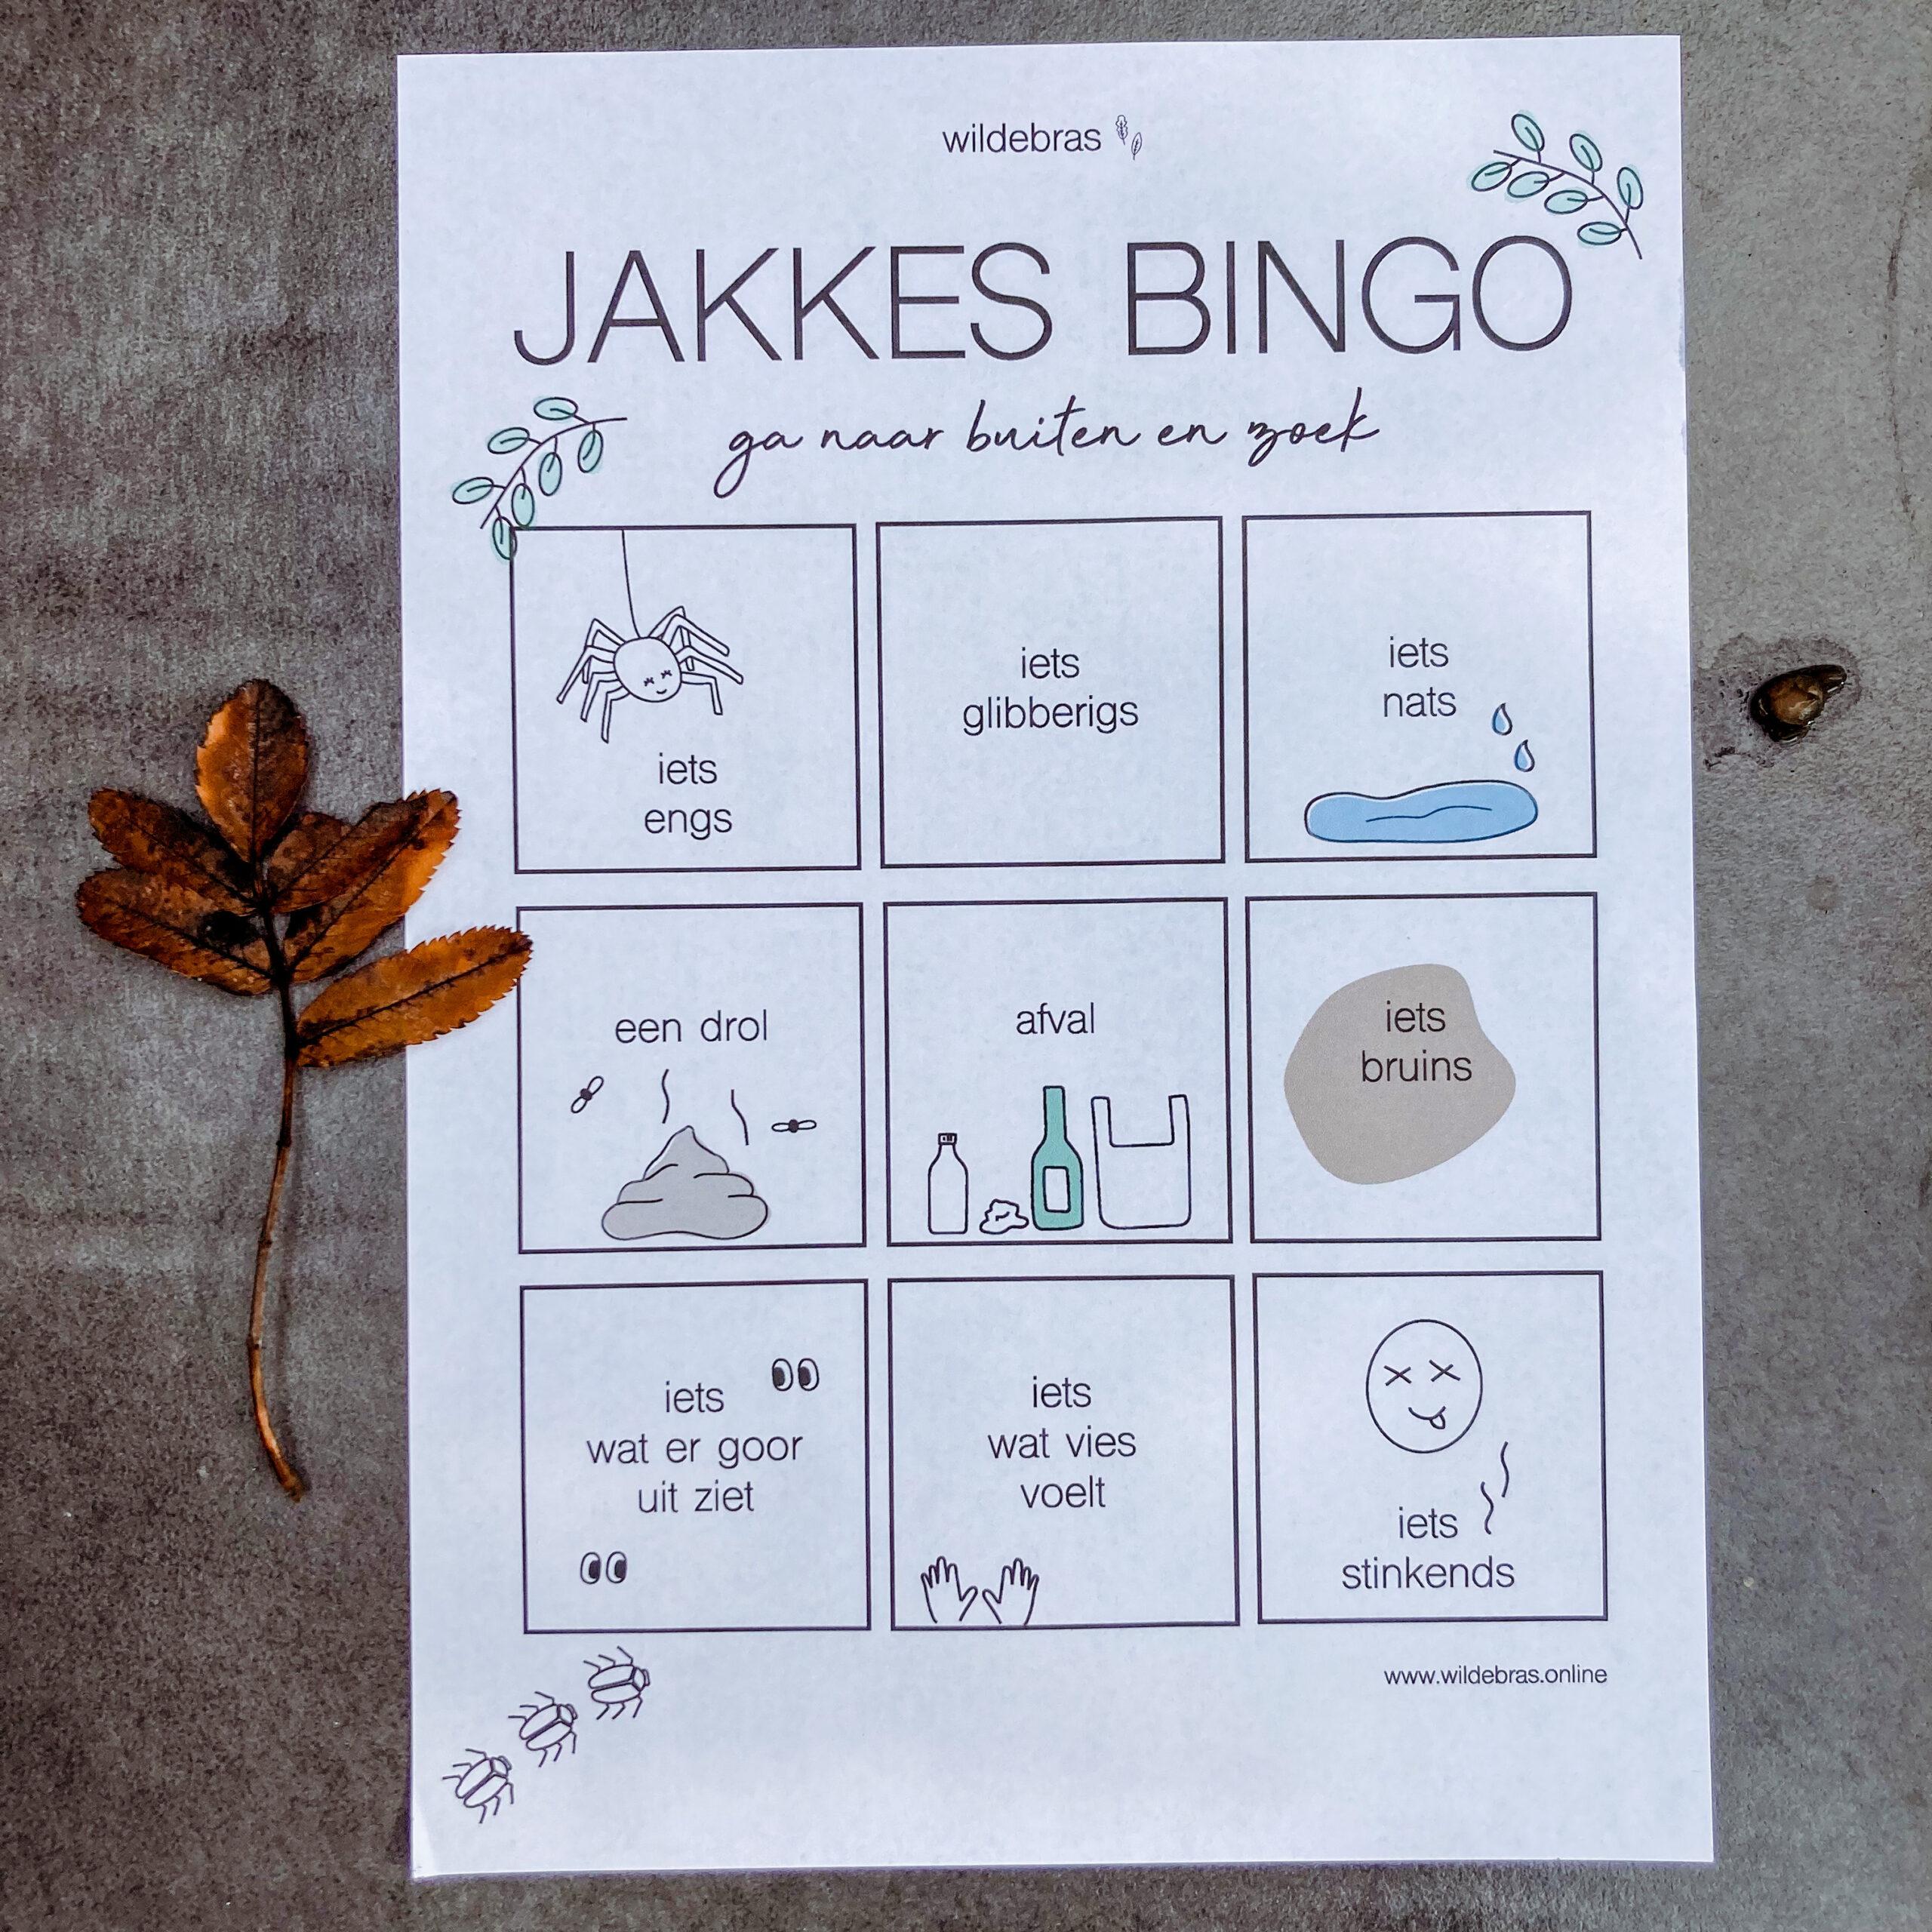 jakkes bingo zalige zoektocht voor kinderen